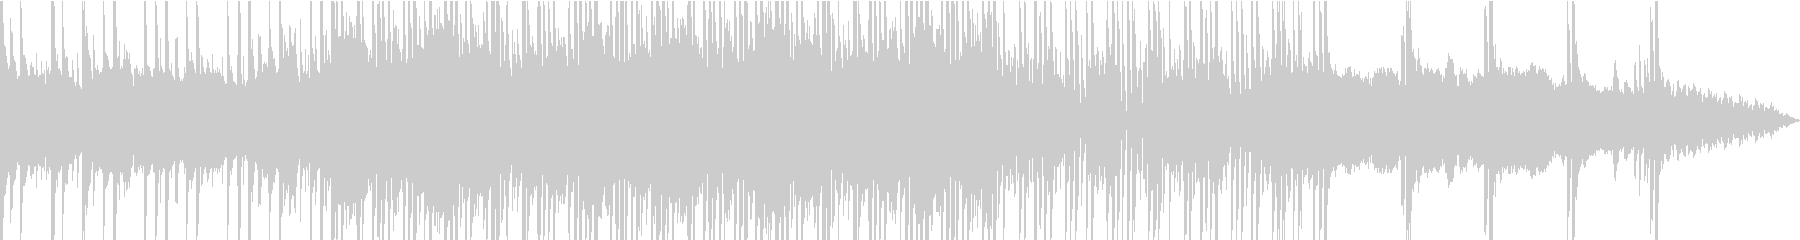 エッジの効いたドラムンベース/ブレ...の未再生の波形